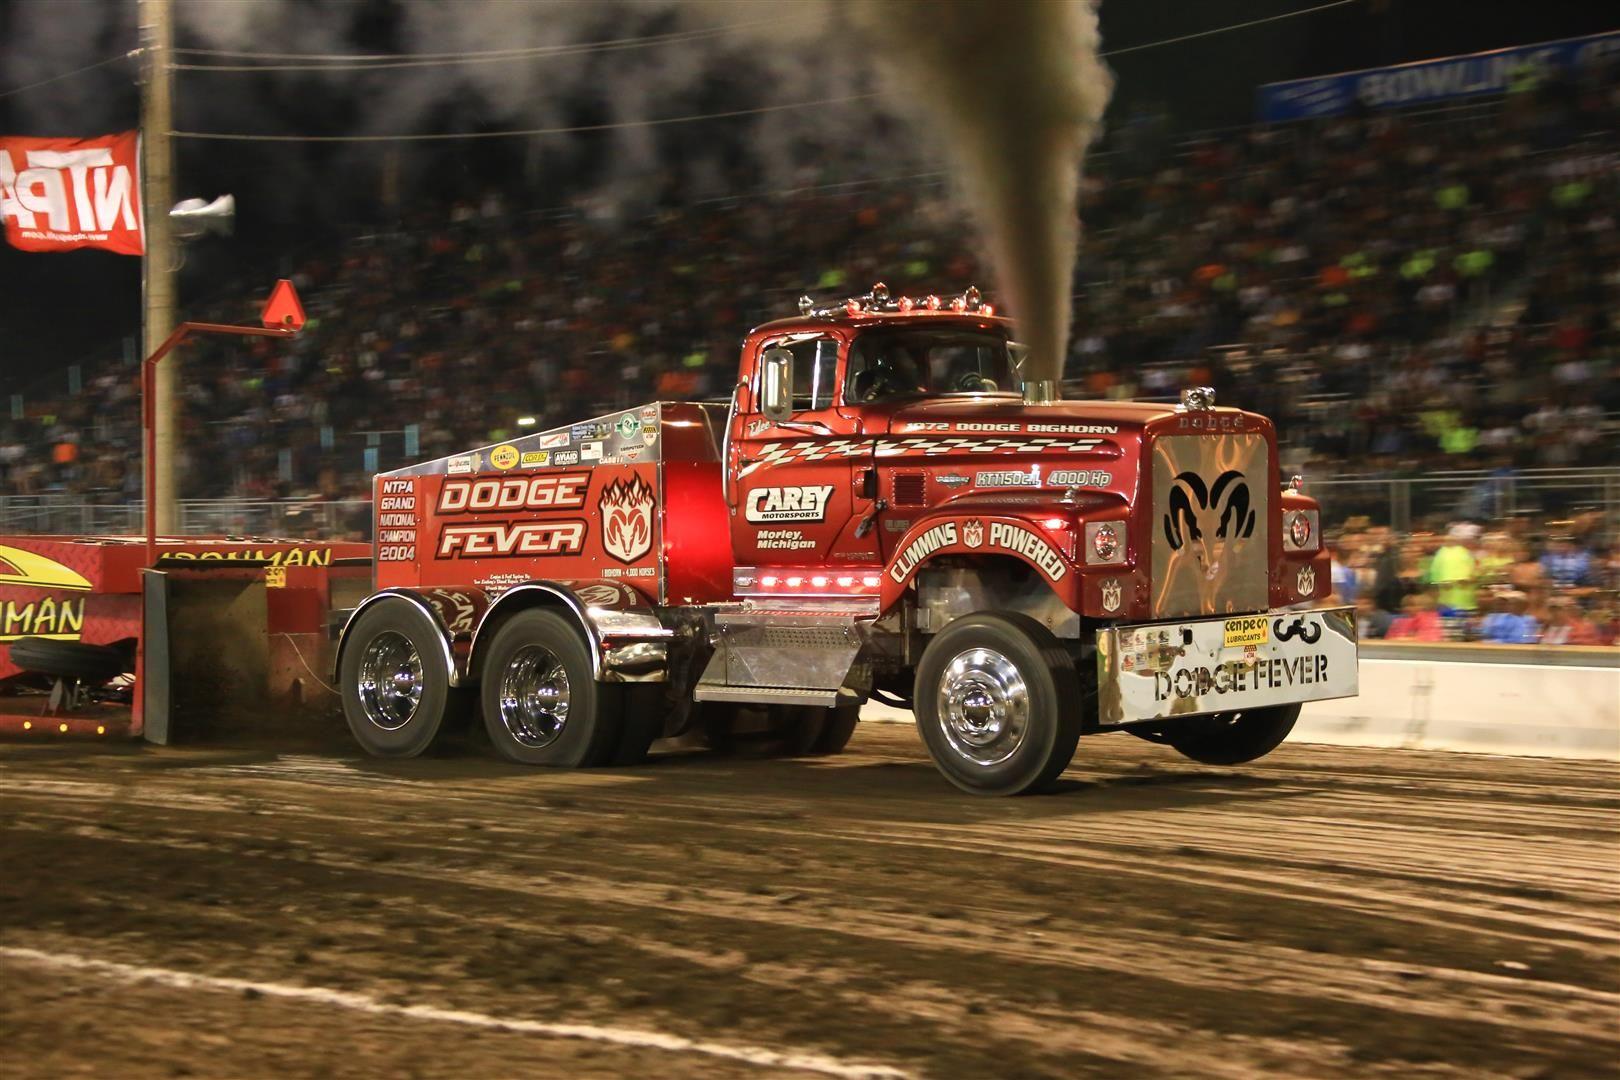 Dodge Fever | Truck Pulling | Pinterest